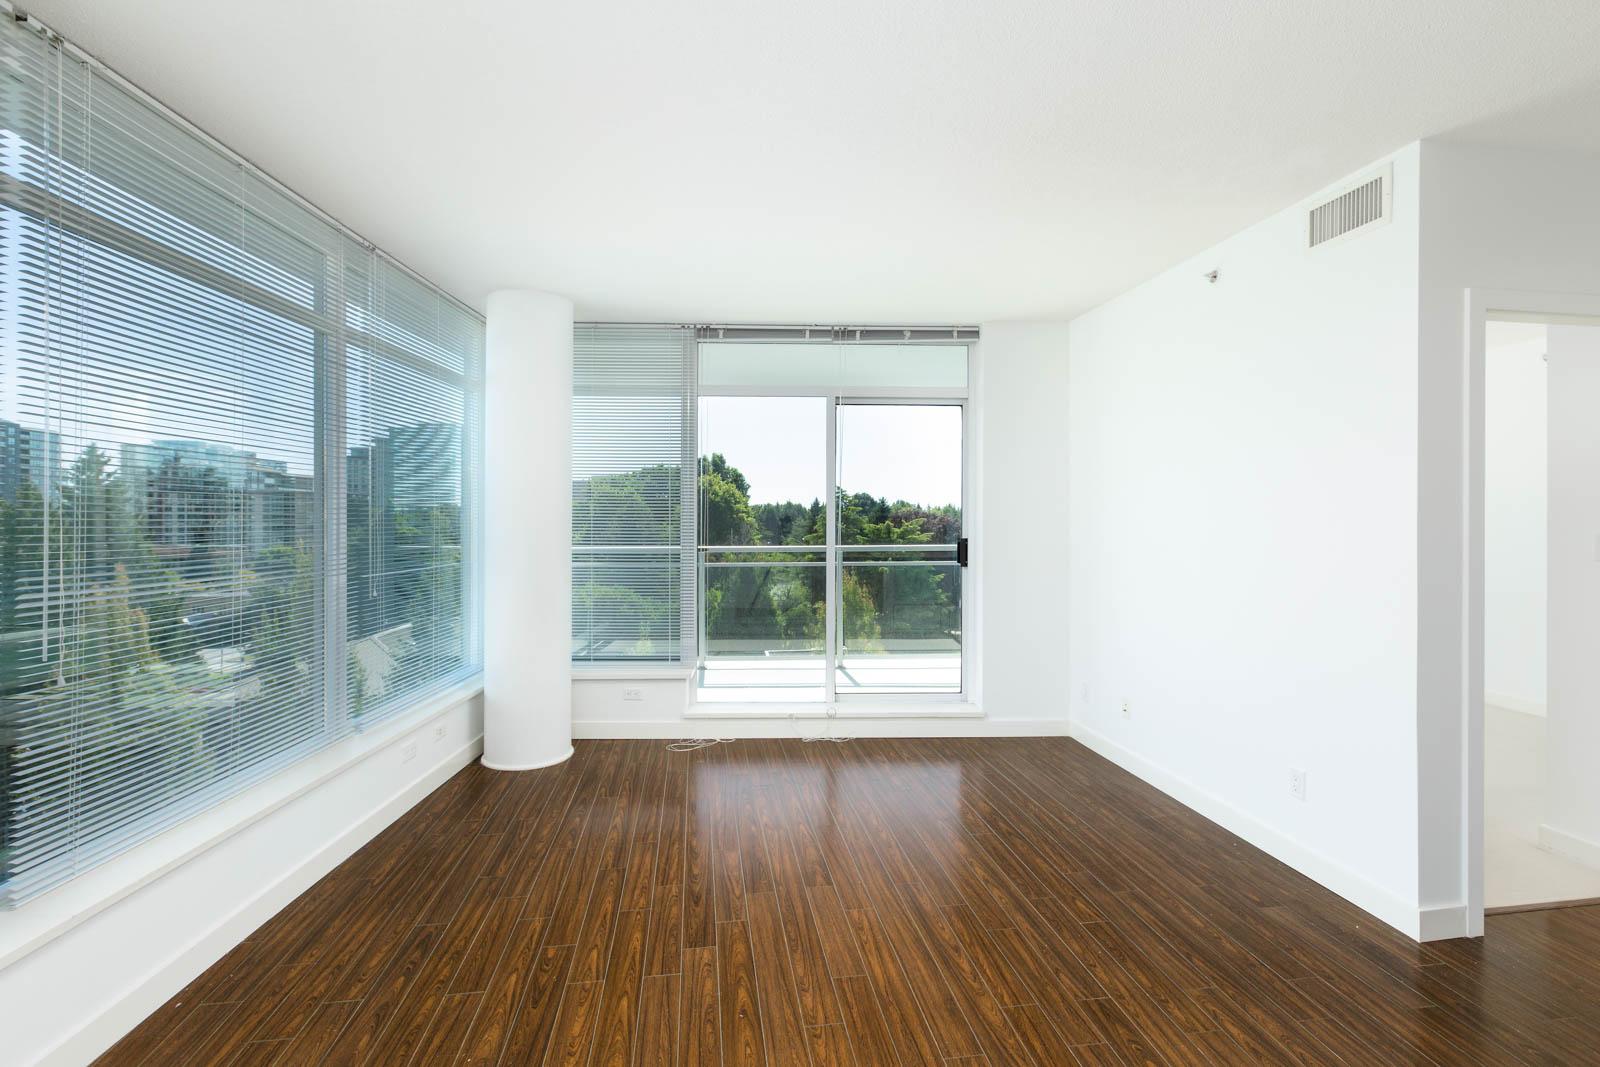 living room with hardwood floors in rental condo in the Garden City neighbourhood of Richmond